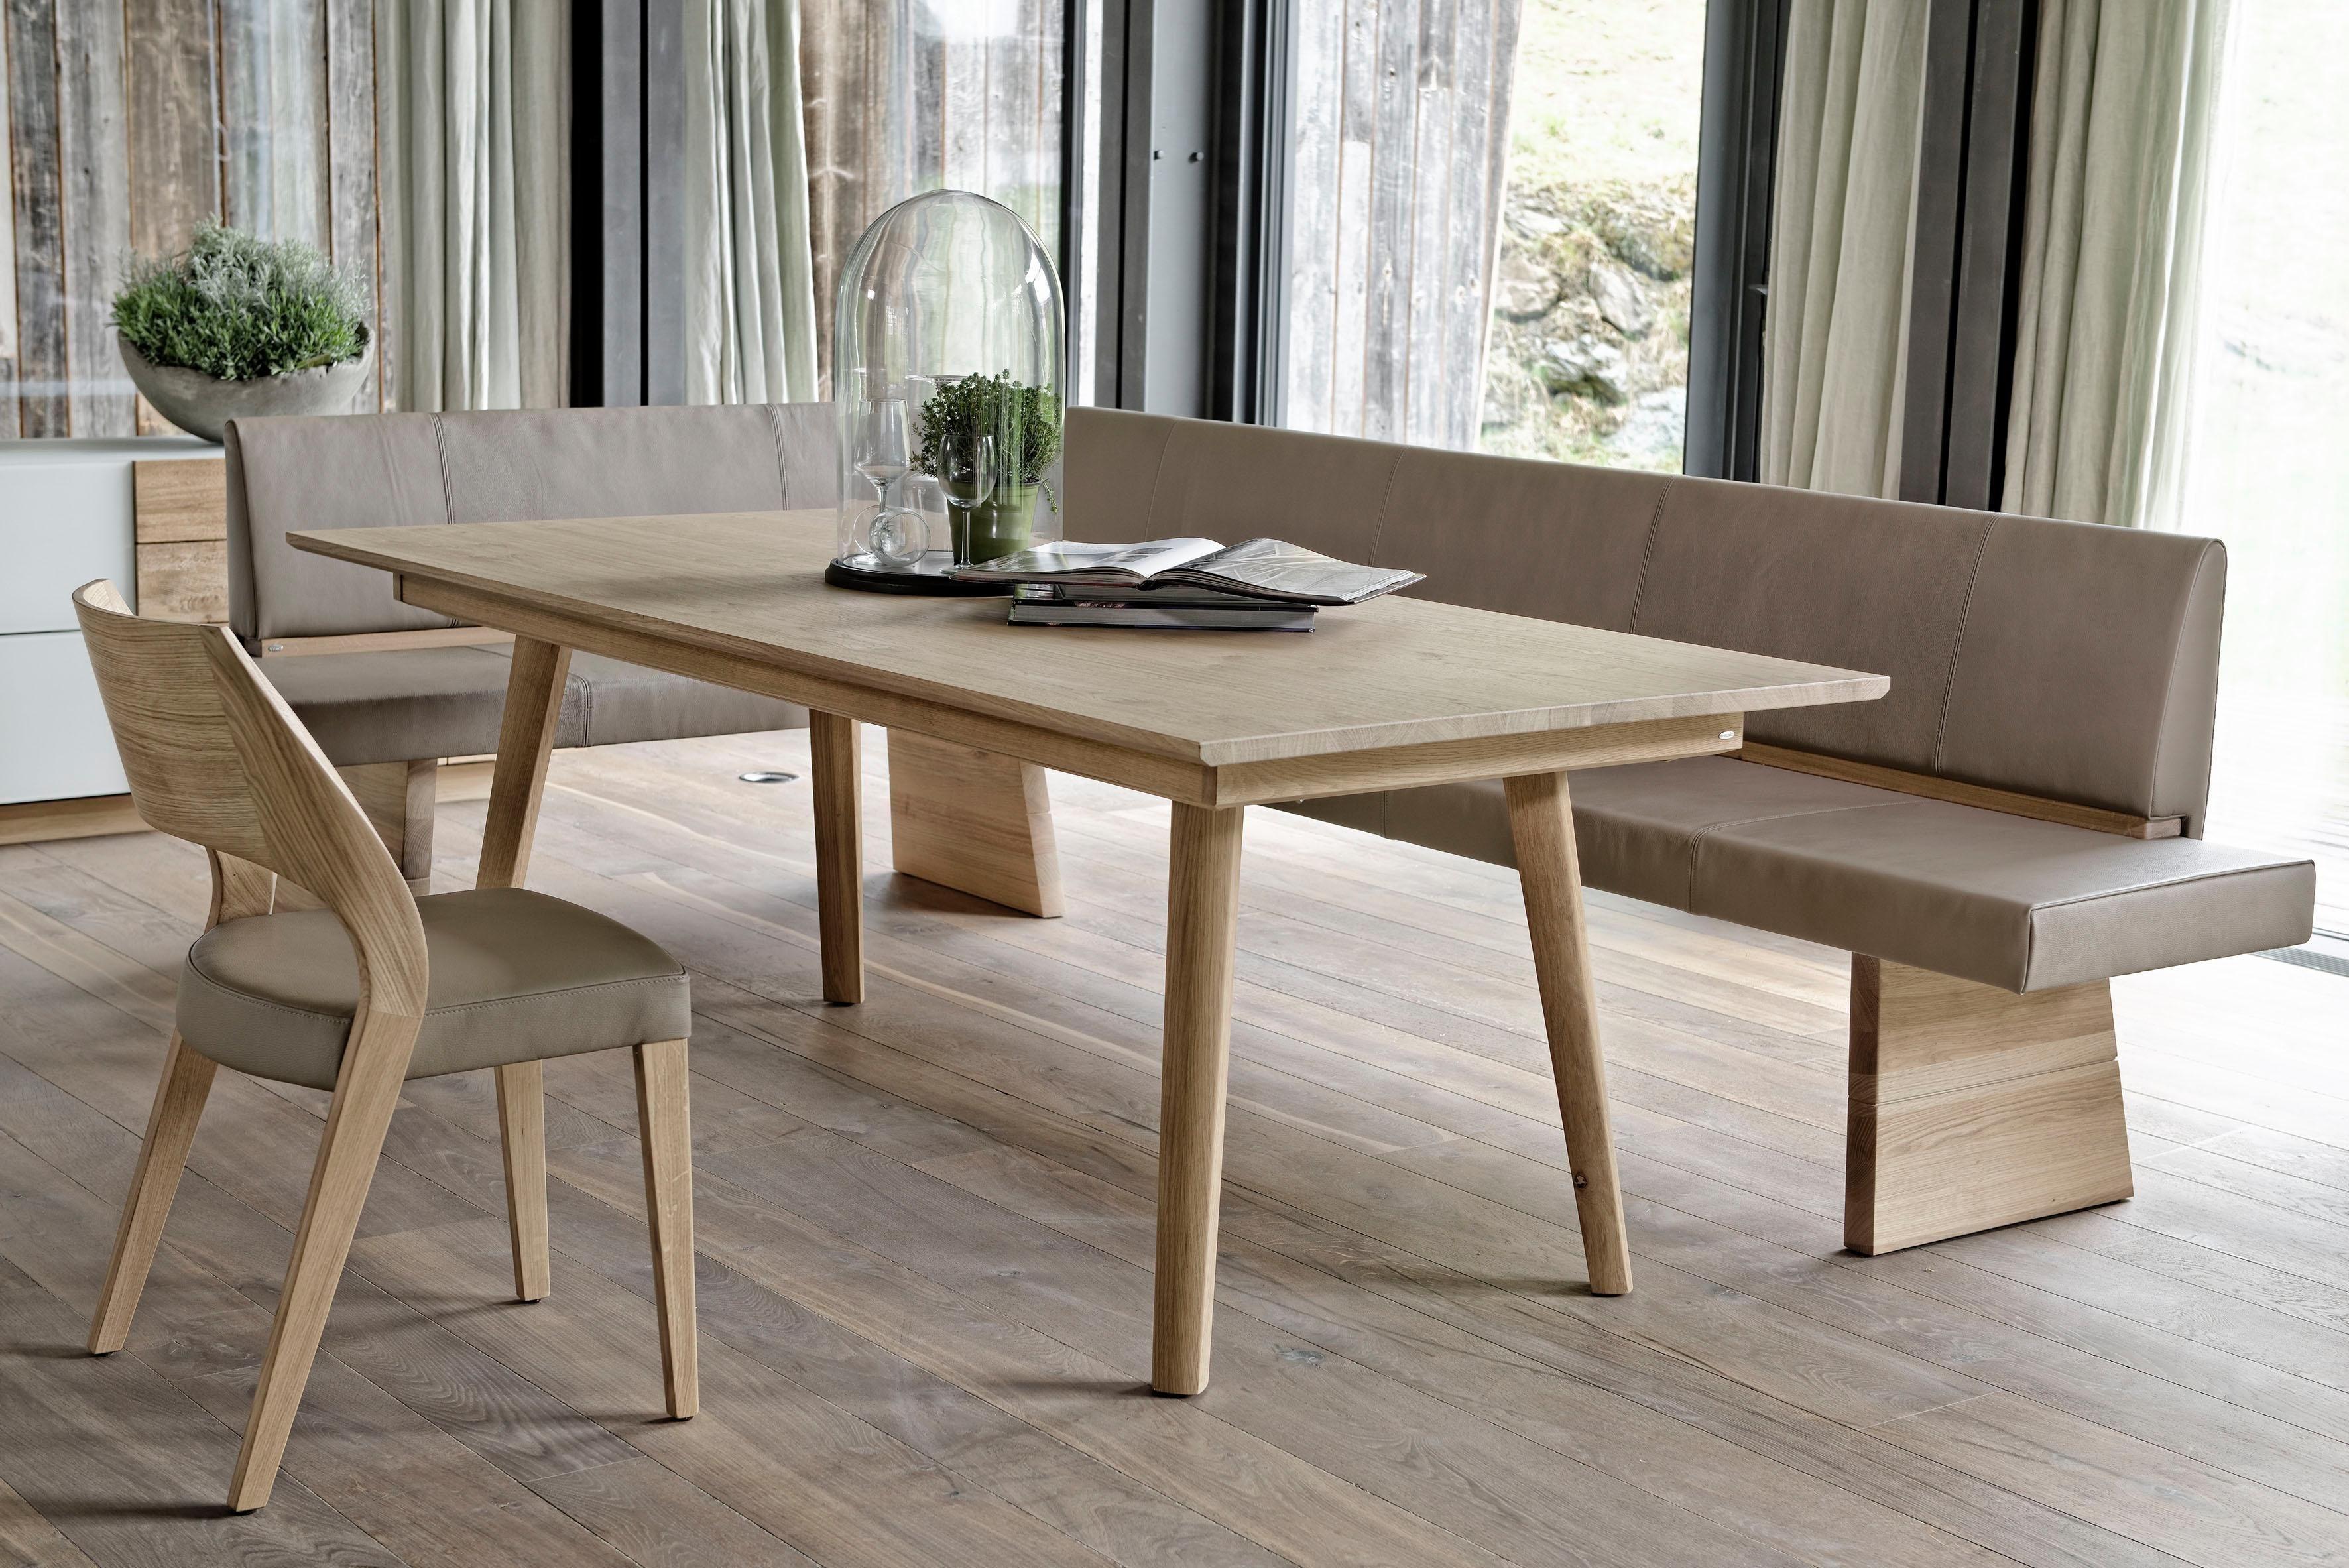 Esstisch Eiche Sonoma Truffel Tisch Weiss Holzplatte Esstisch